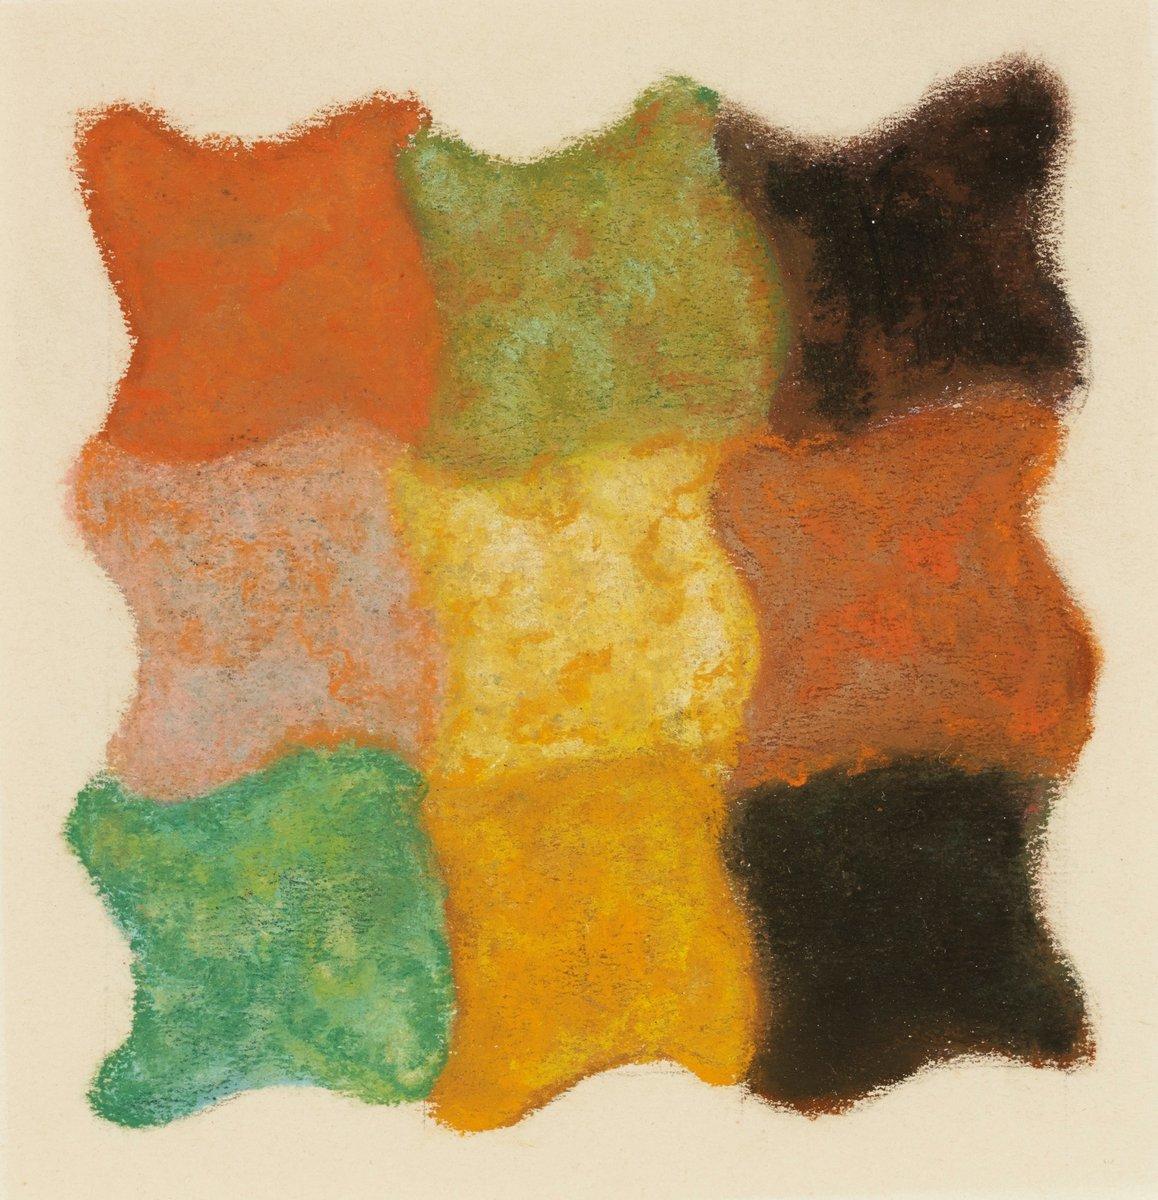 Джакометти Аугусто, картина Абстракция в желтом, орнжевом и зеленомДжакометти Аугусто<br>Репродукция на холсте или бумаге. Любого нужного вам размера. В раме или без. Подвес в комплекте. Трехслойная надежная упаковка. Доставим в любую точку России. Вам осталось только повесить картину на стену!<br>